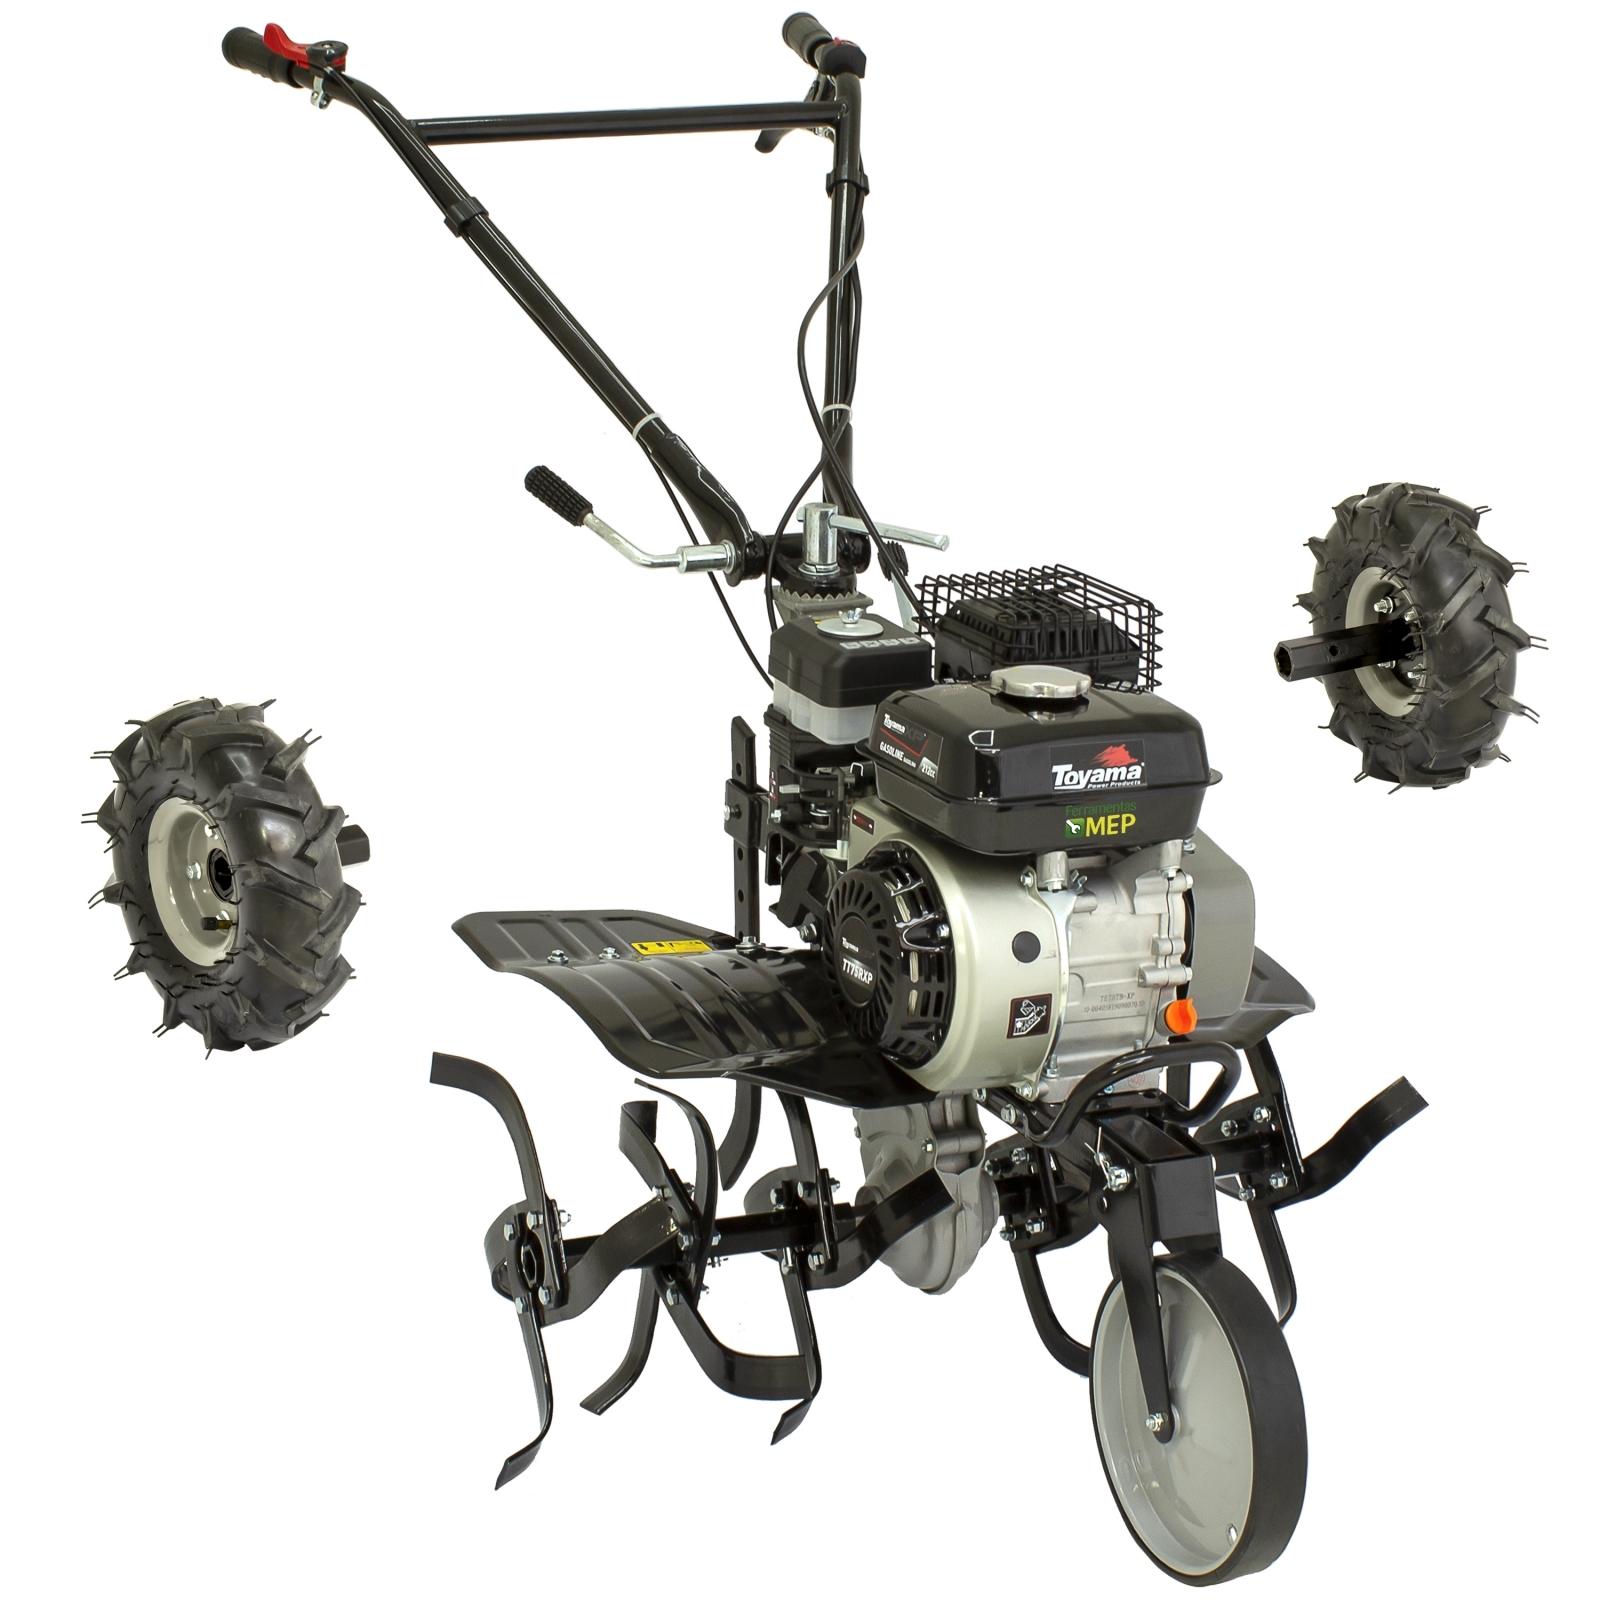 Motocultivador a Gasolina com Enxada Rotativa 7hp Toyama  Tt75r-xp Mc2 - Ferramentas MEP